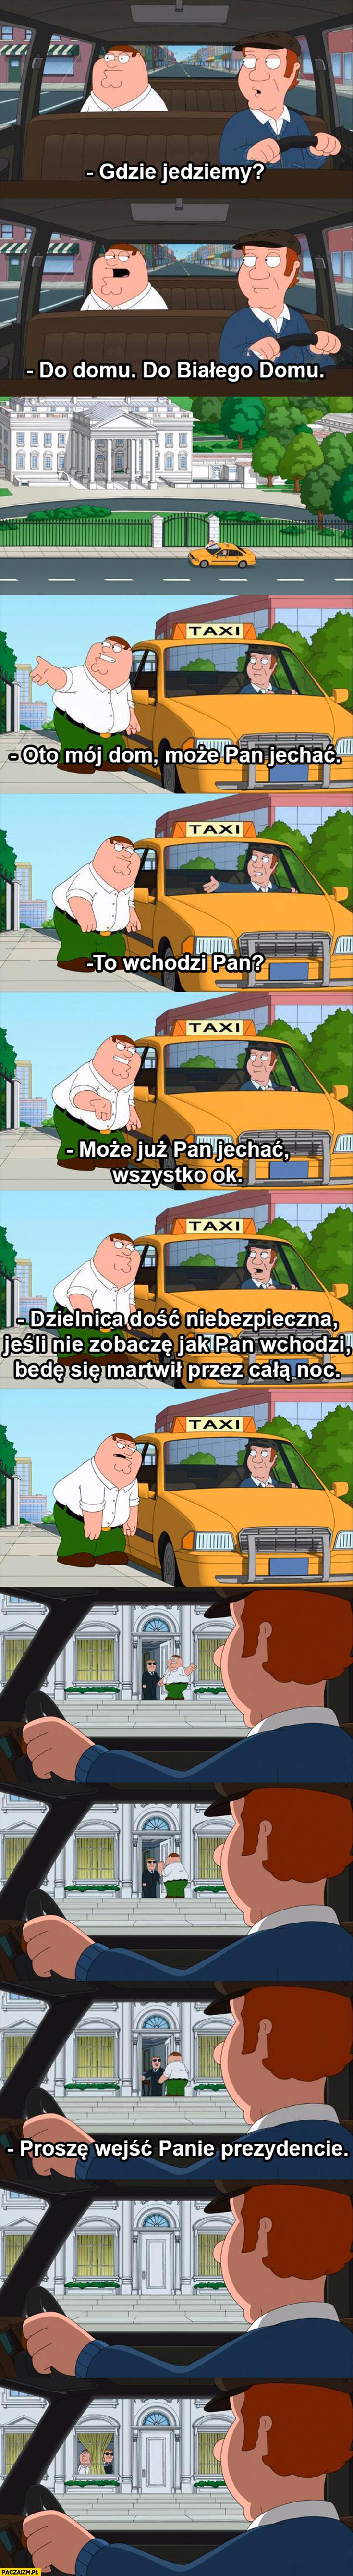 Family Guy taxi mieszka w białym domu pałacu prezydenckim